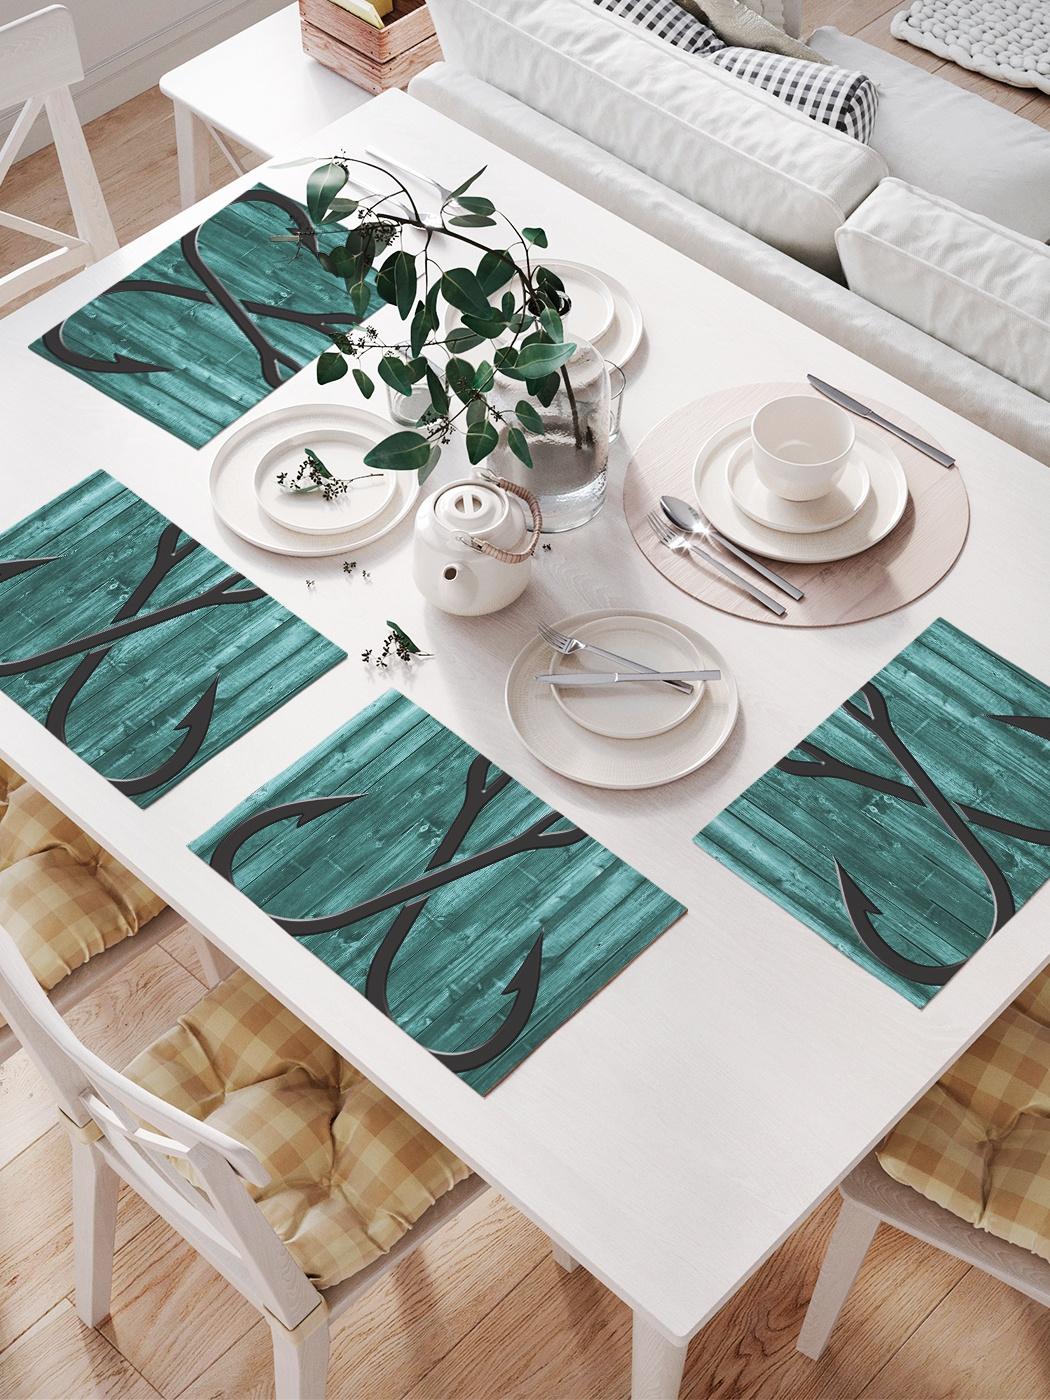 Комплект салфеток для сервировки стола «Крючковый крест» (32х46 см, 4 шт.)